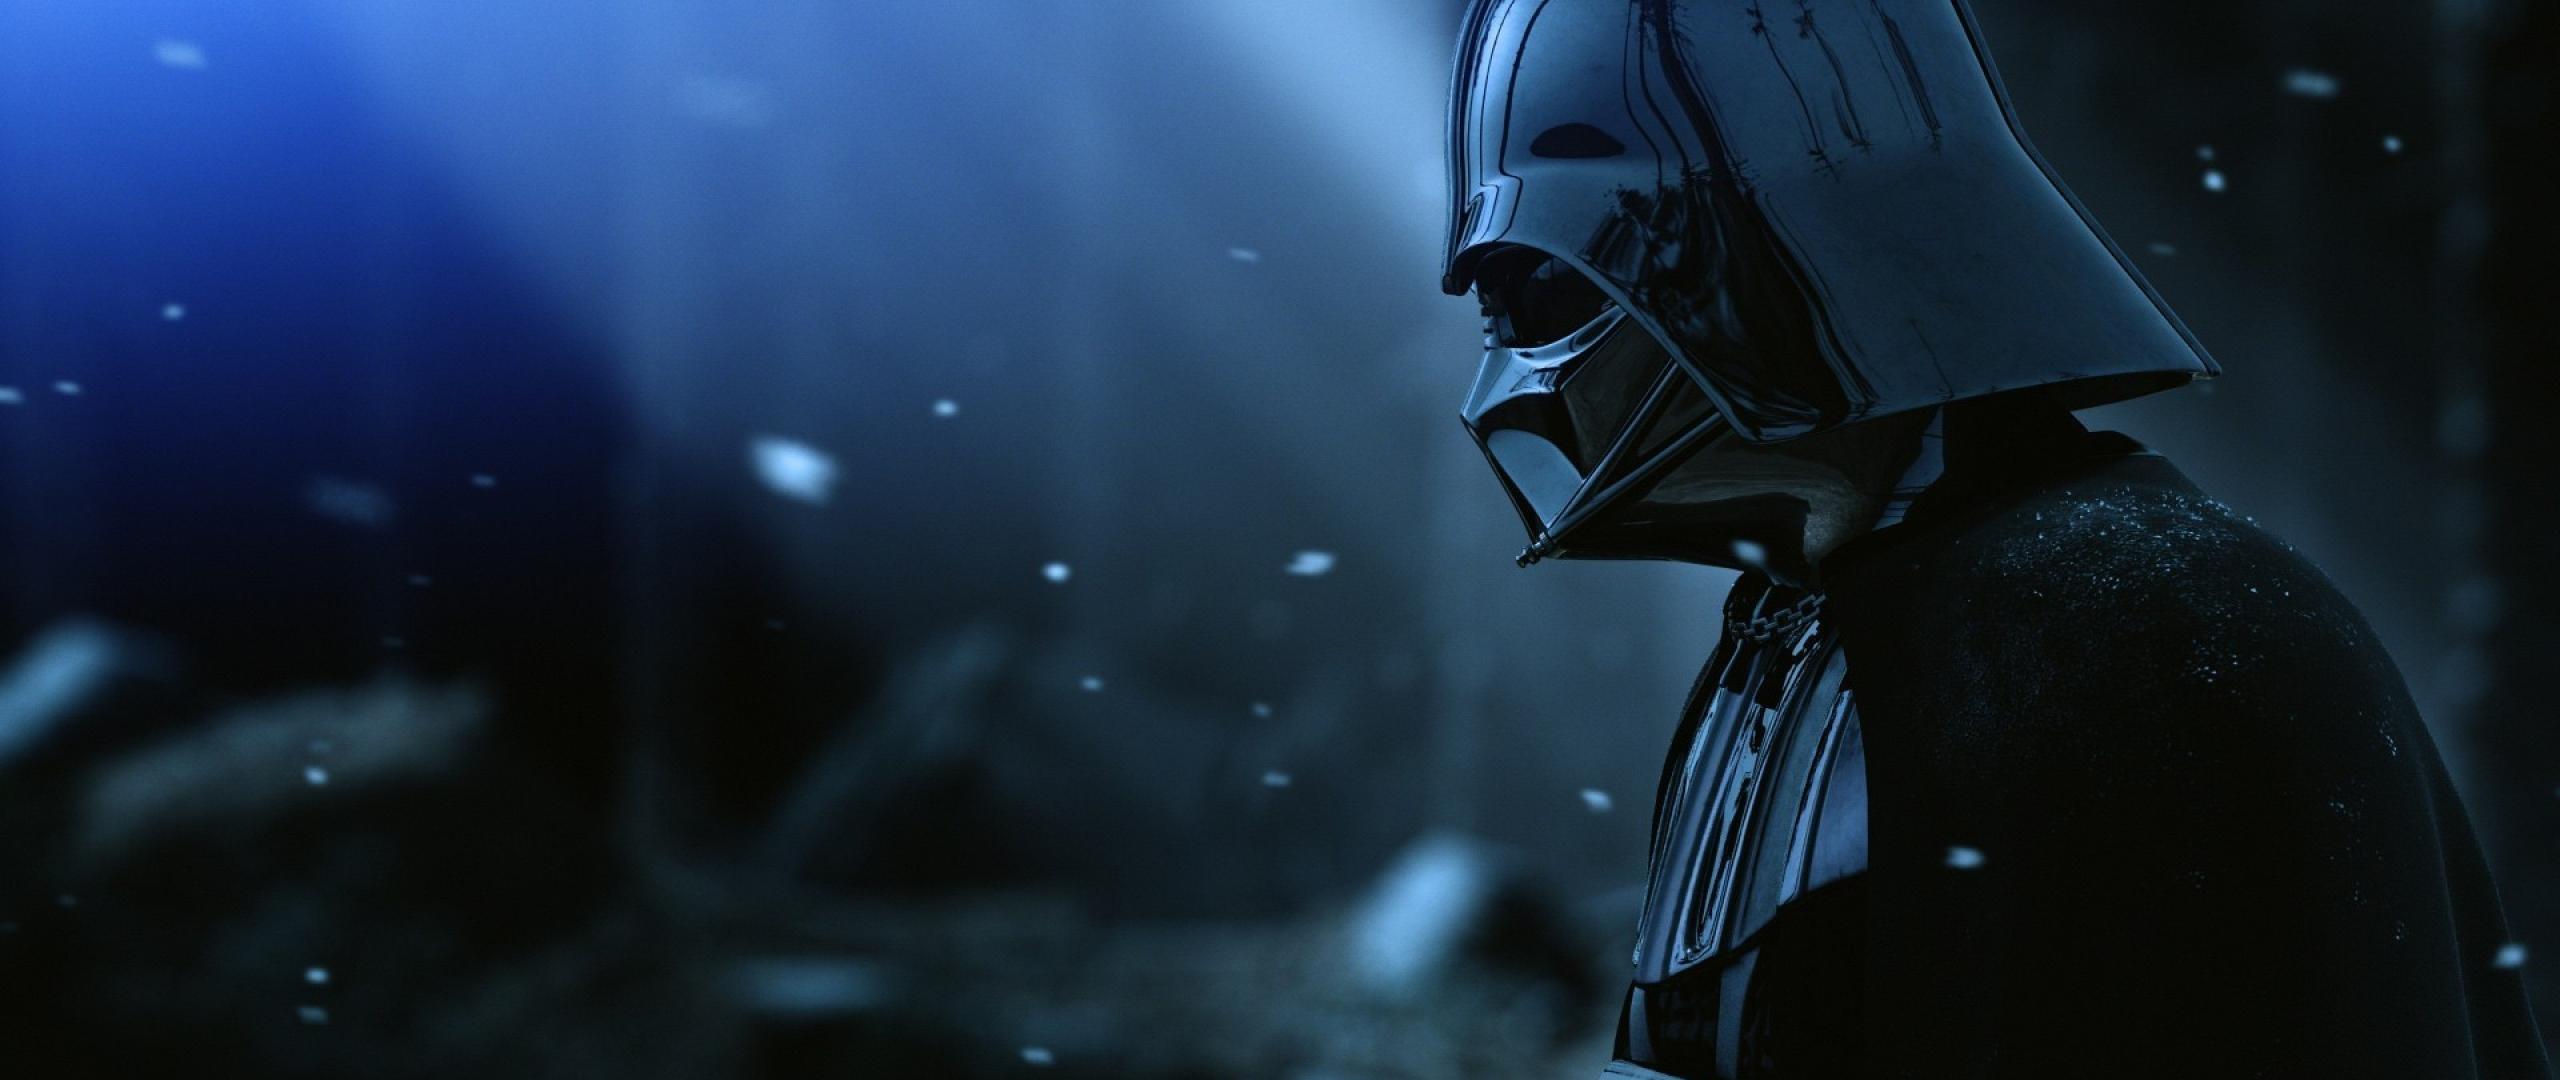 Vader Helmet Star Wars Film Black Snow Wallpaper WallpapersByte 2560x1080